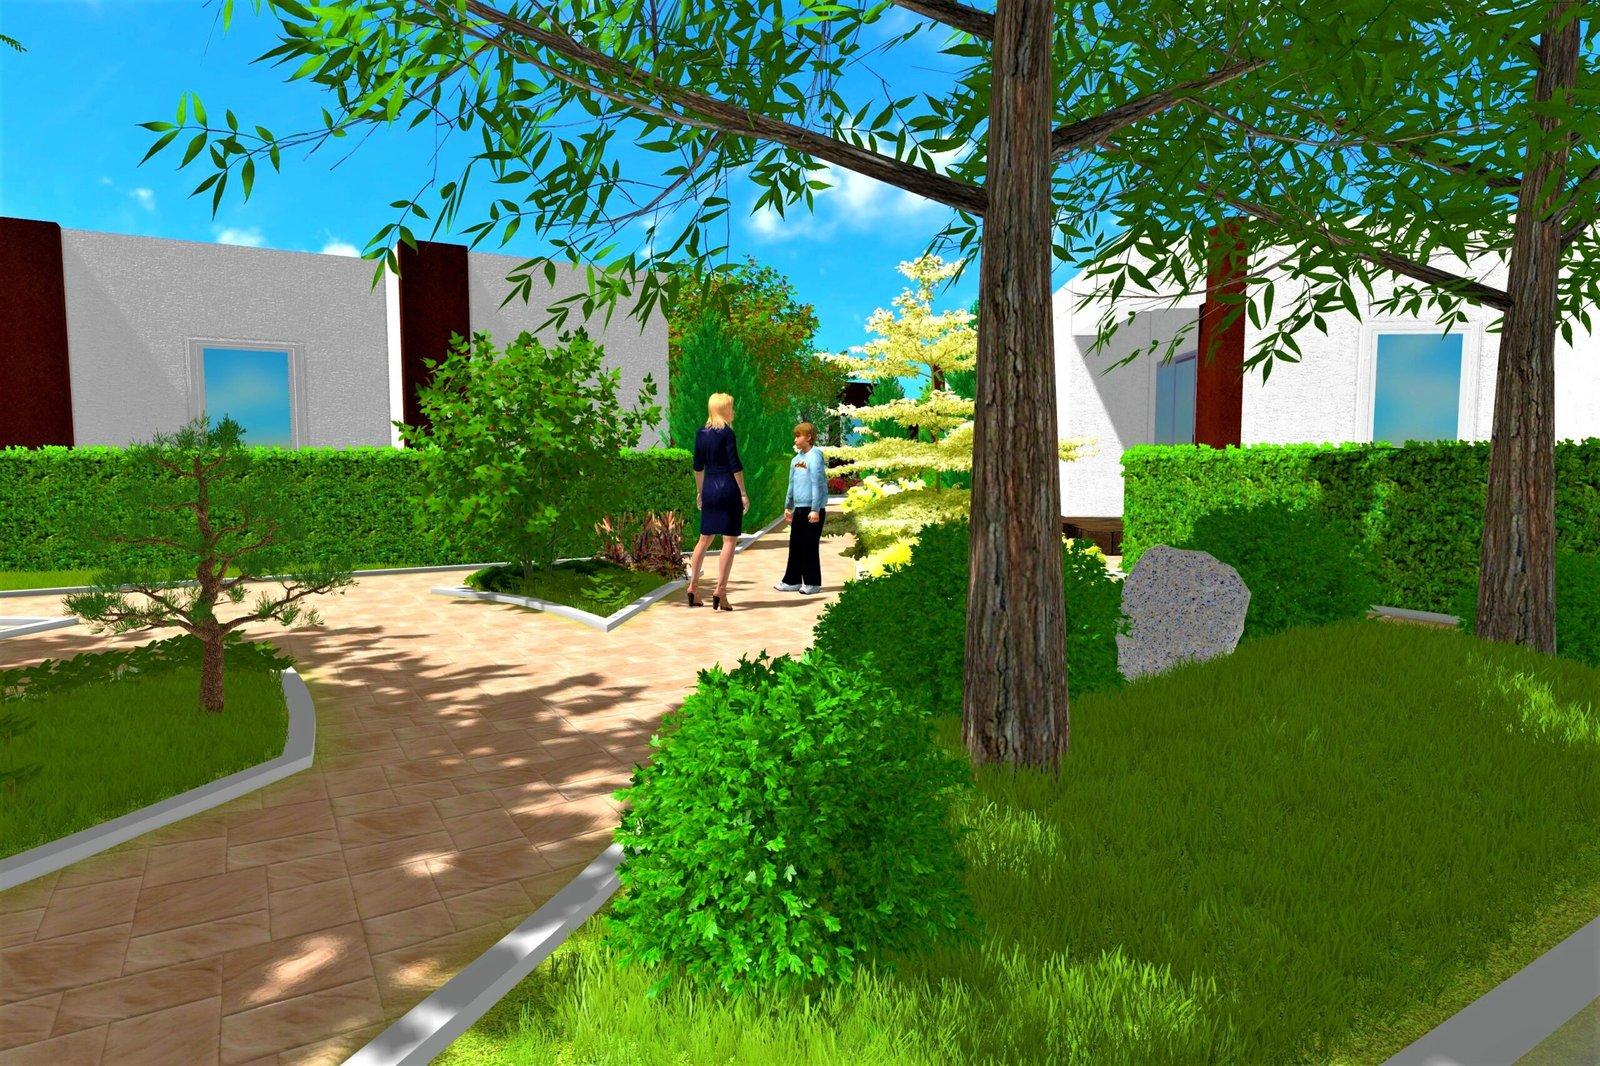 Визуализация парка в 3d в Киеве, визуализация парка 3d Киев, 3d визуализация парка в Киеве